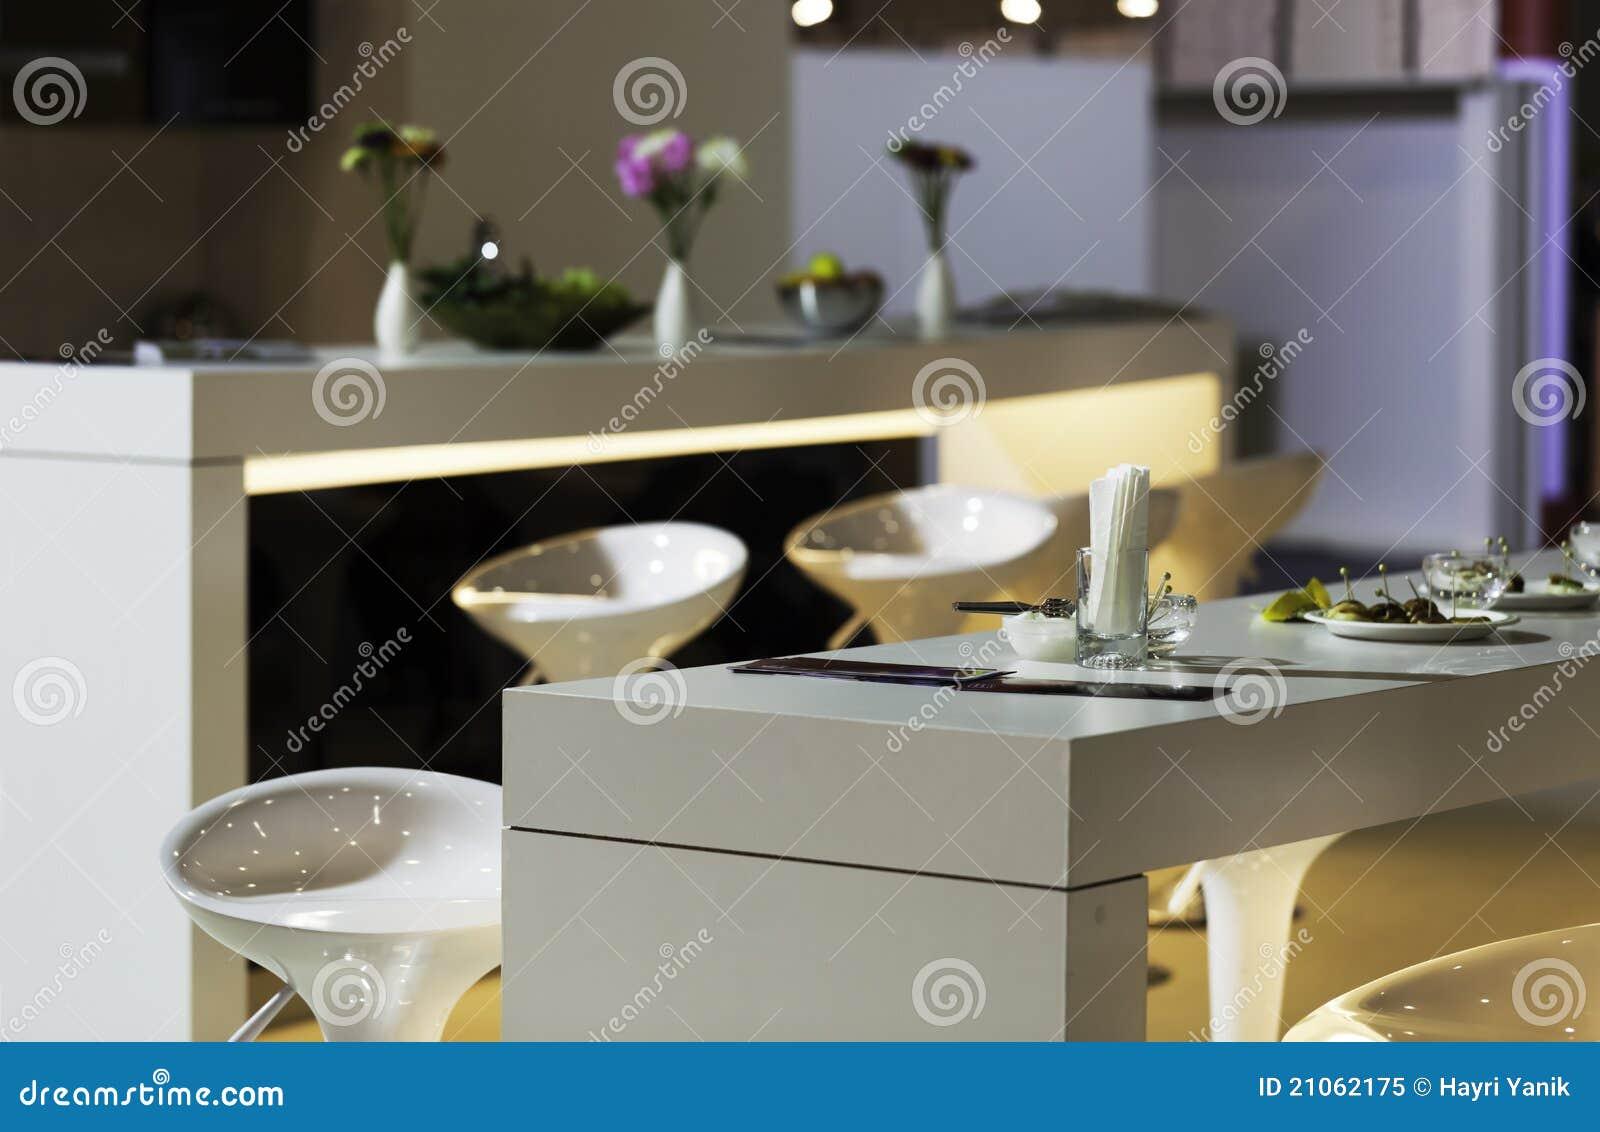 Taburetes de barra modernos en cocina foto de archivo - Taburetes barra cocina ...